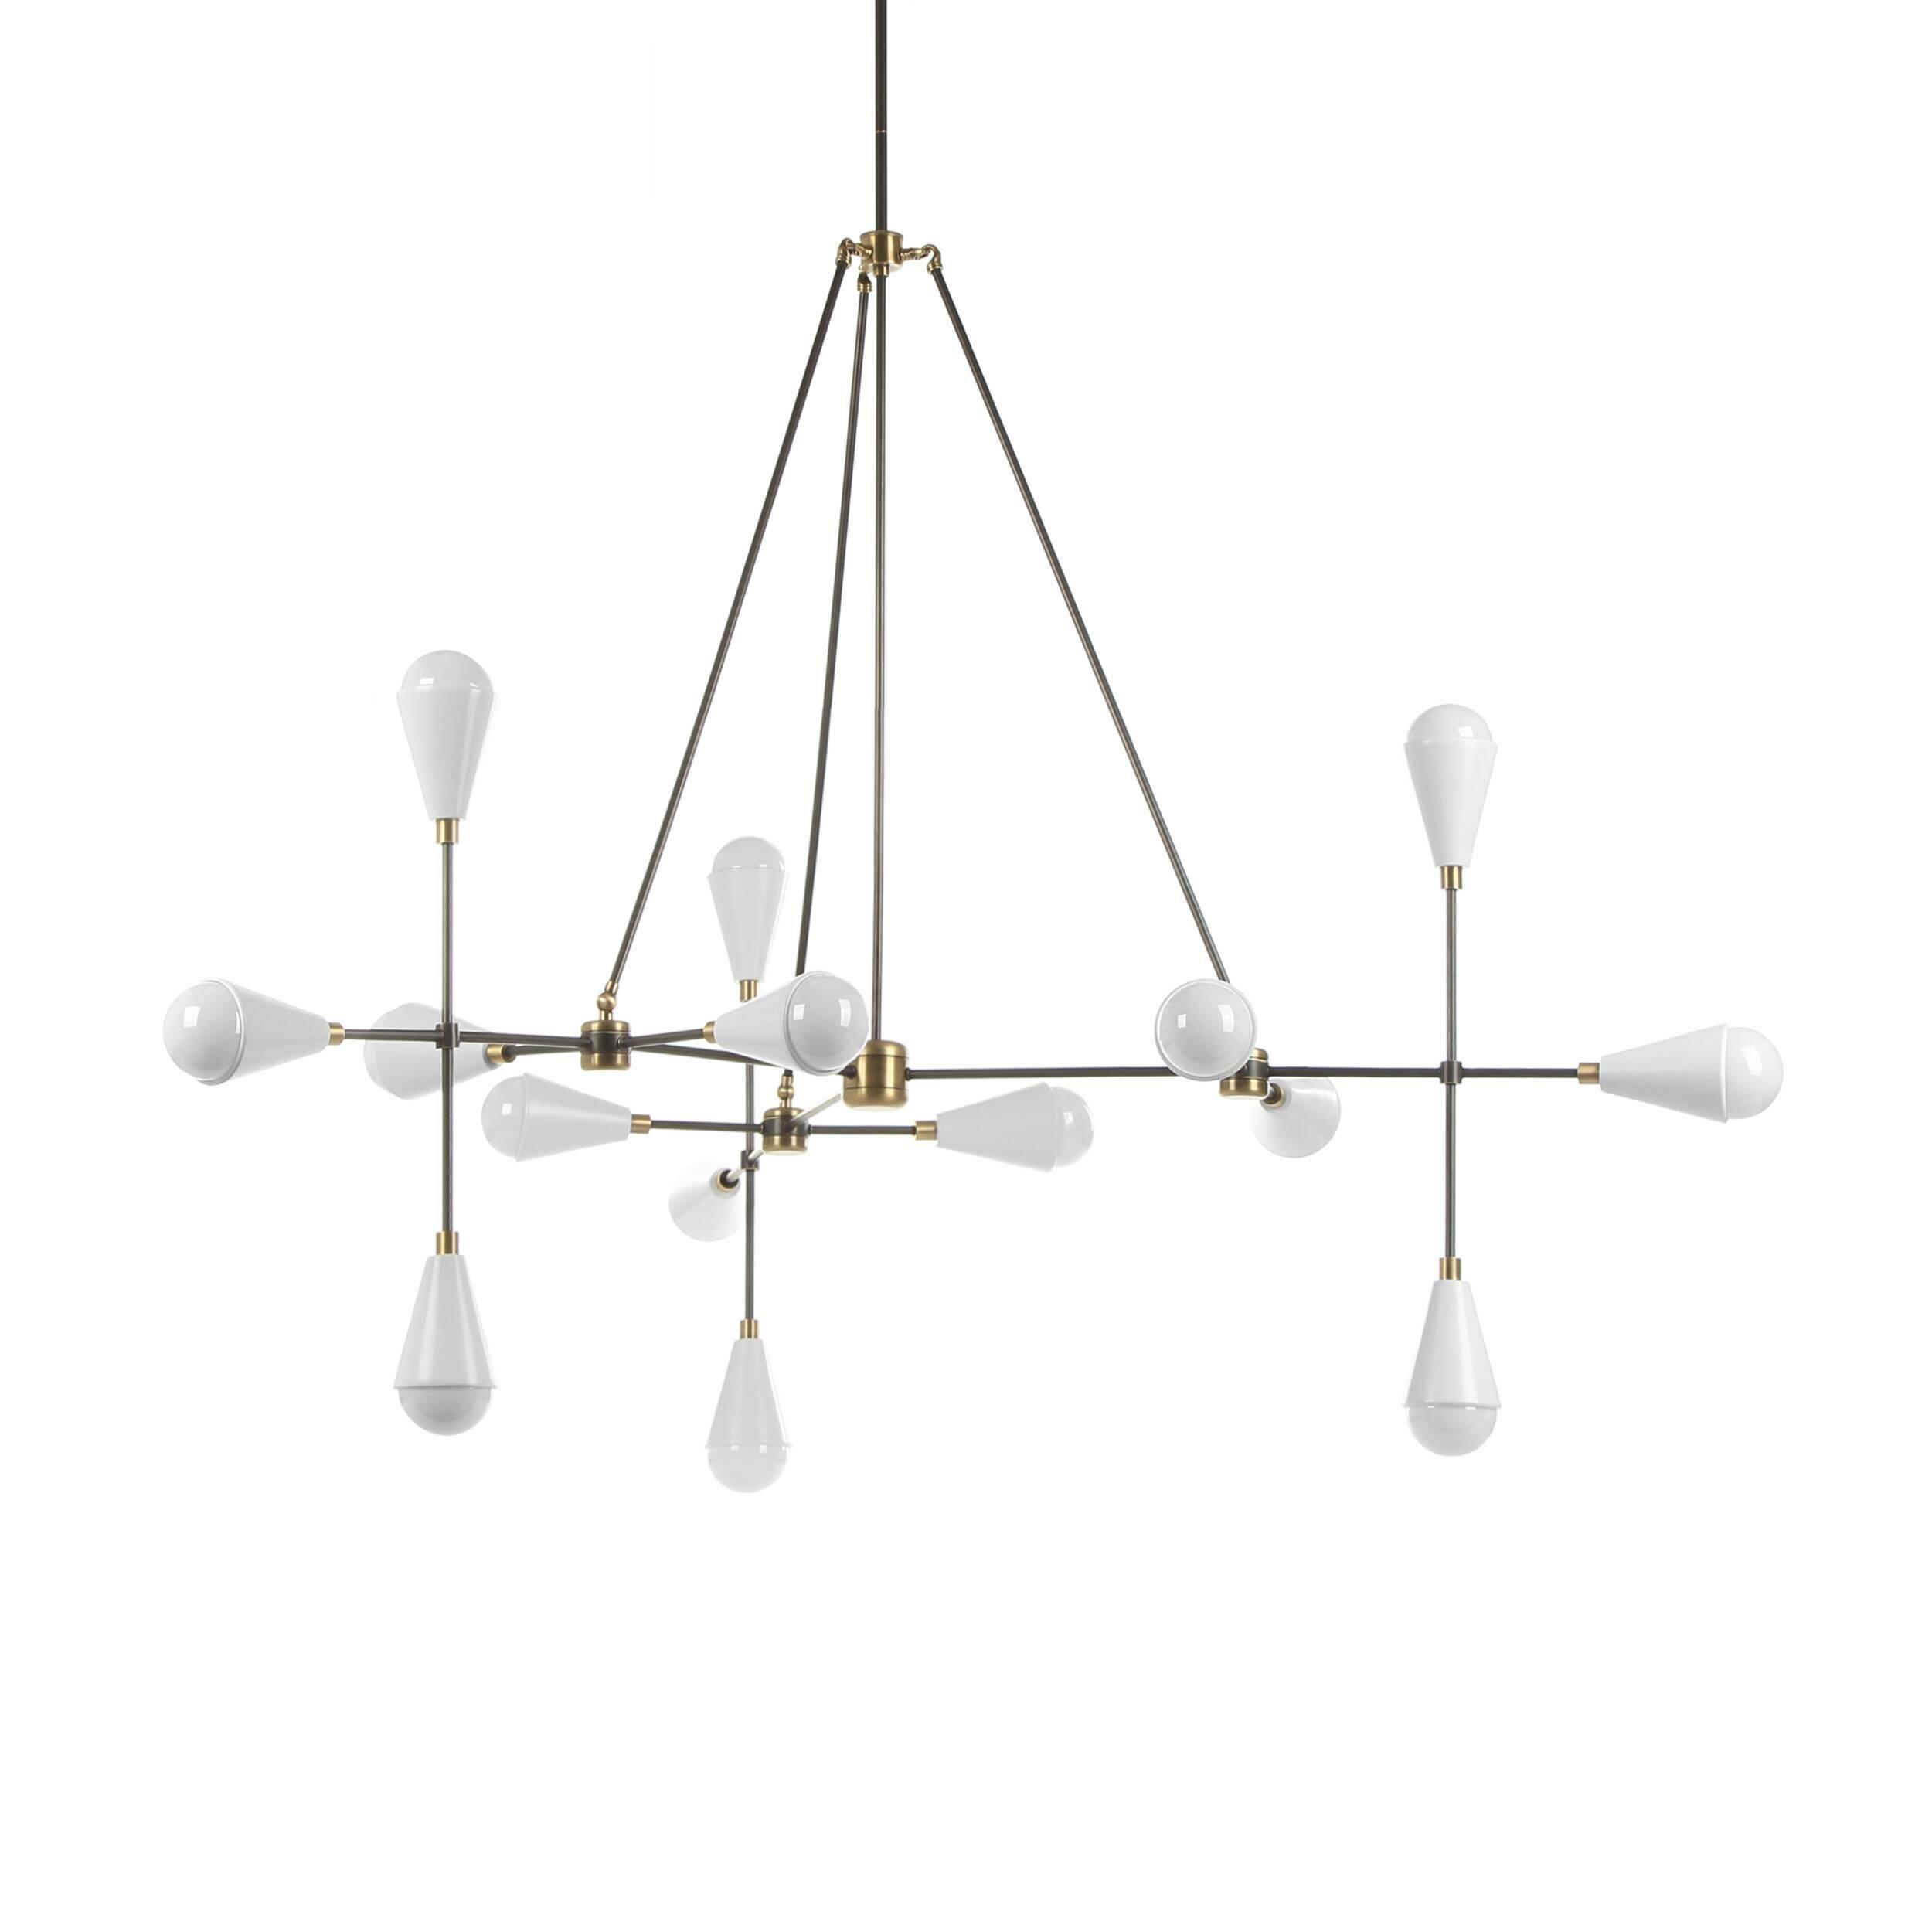 Светильник потолочный Cosmo 15581089 от Cosmorelax